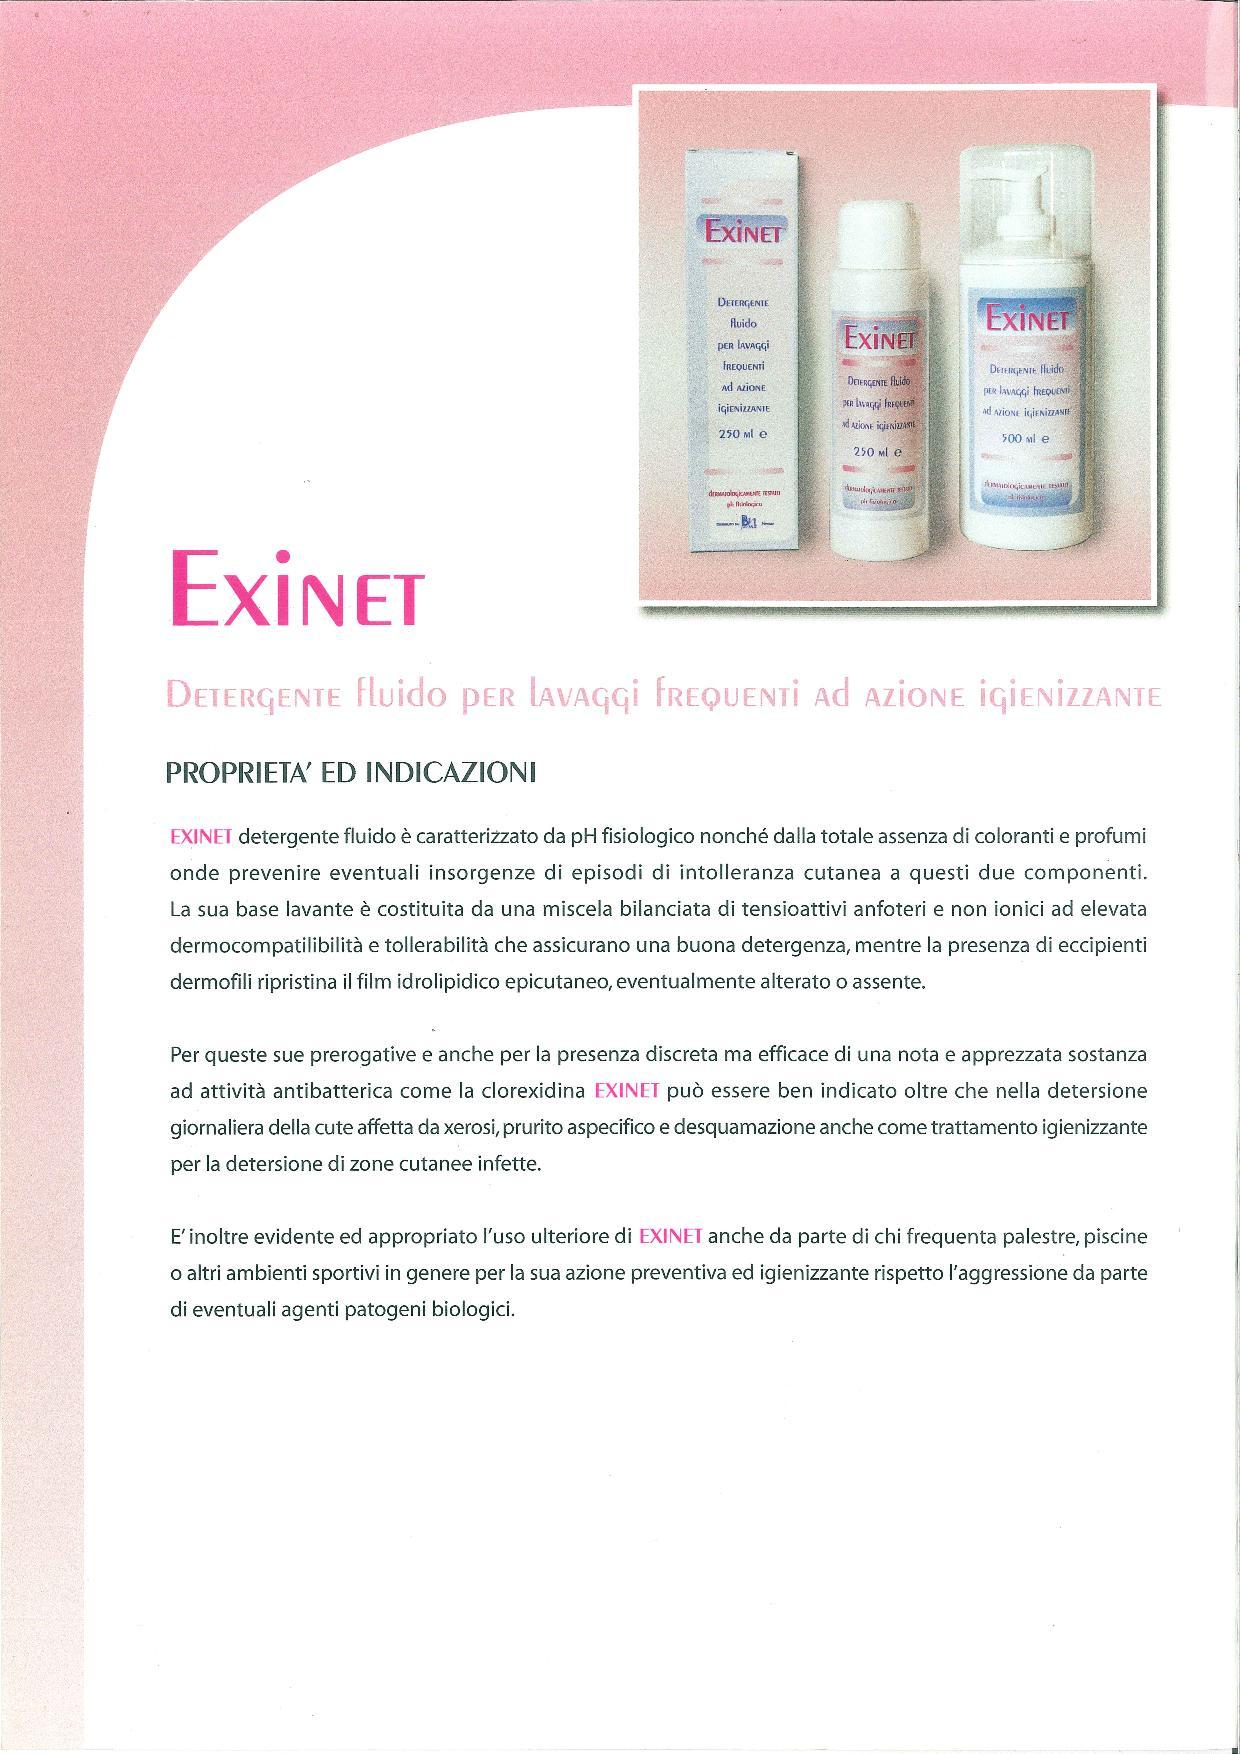 Exinet detergente liquido-page-002